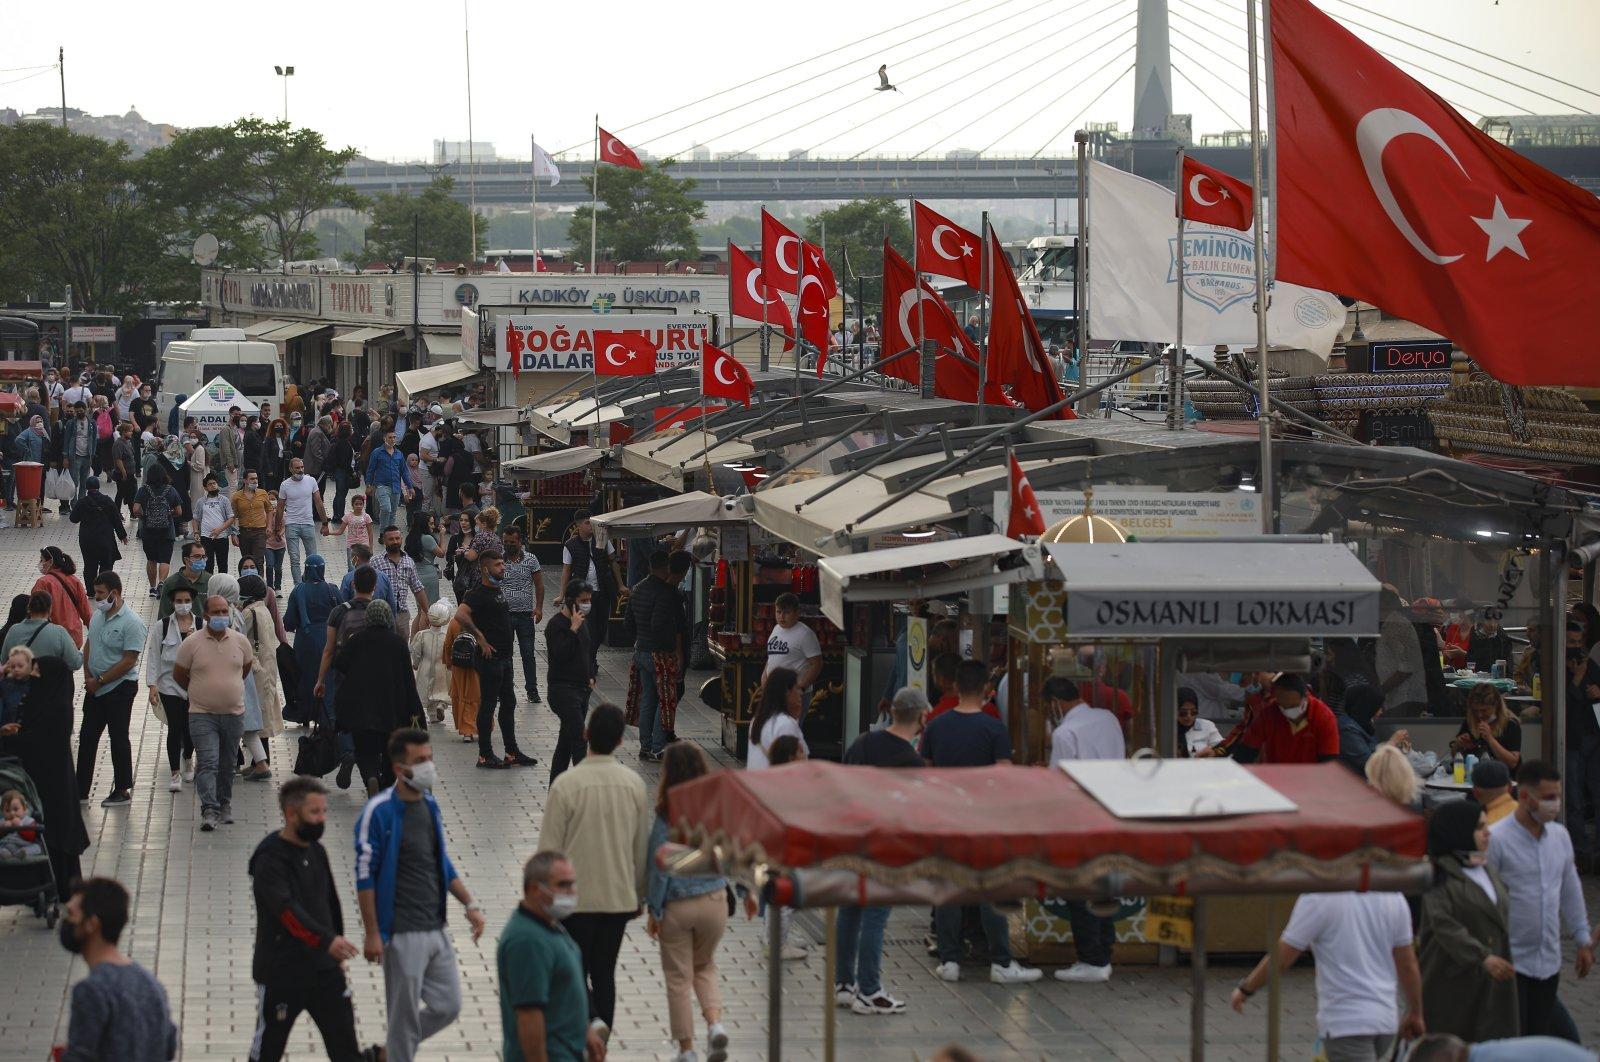 People walk in the Eminönü neighborhood, in Istanbul, Turkey, May 28, 2021. (AP Photo)